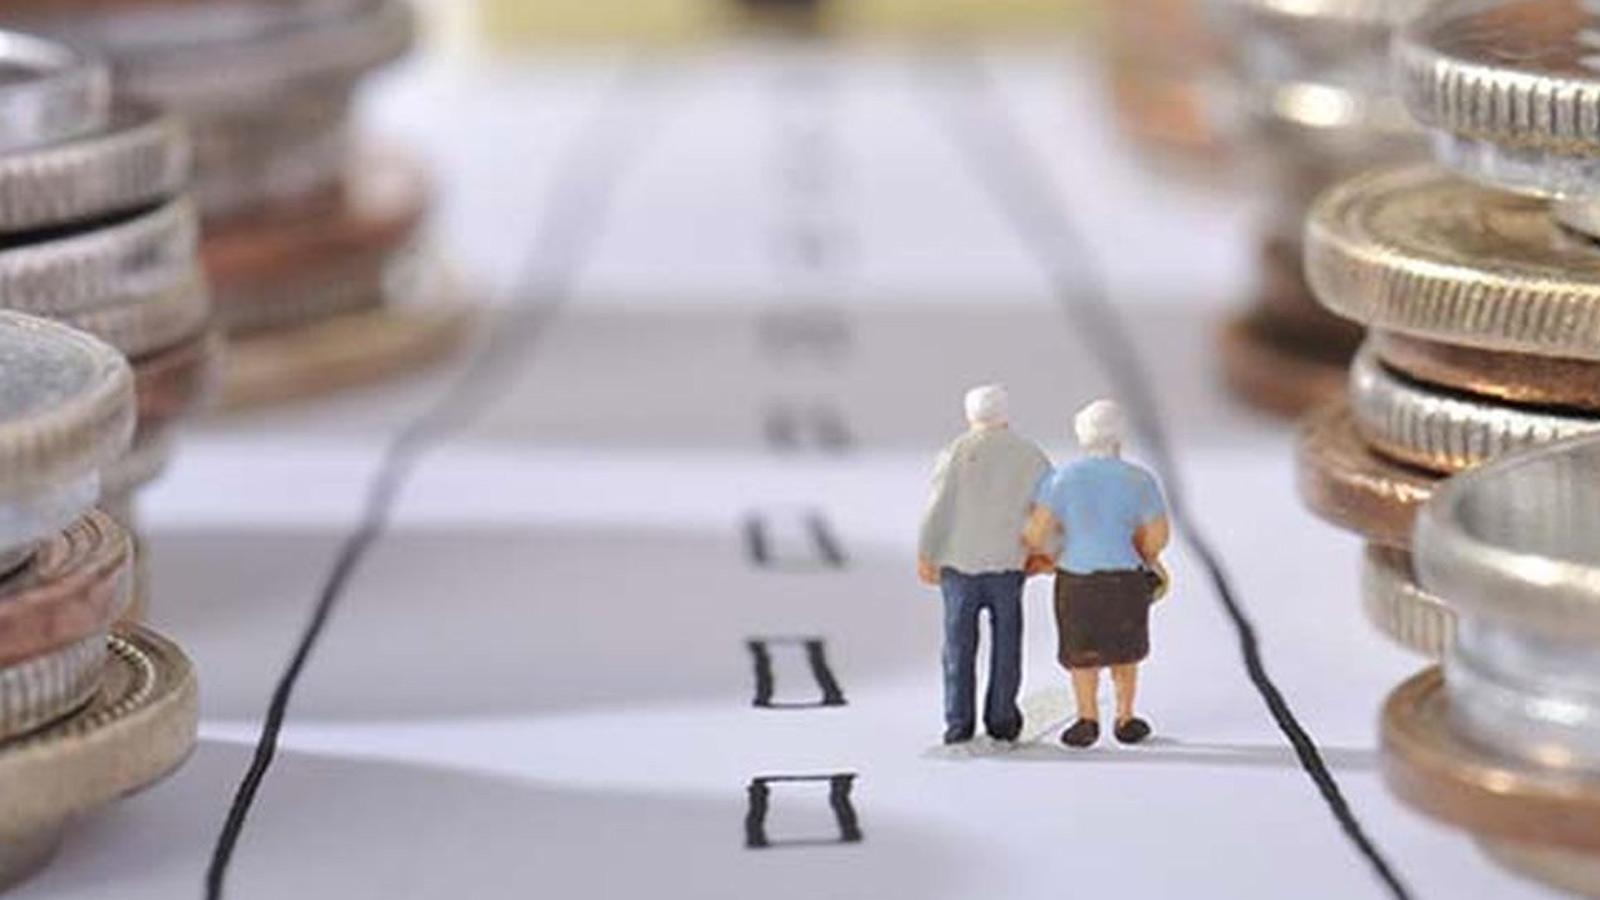 Emeklilik krizi kapıda: Primler aylardır yatırılmıyor